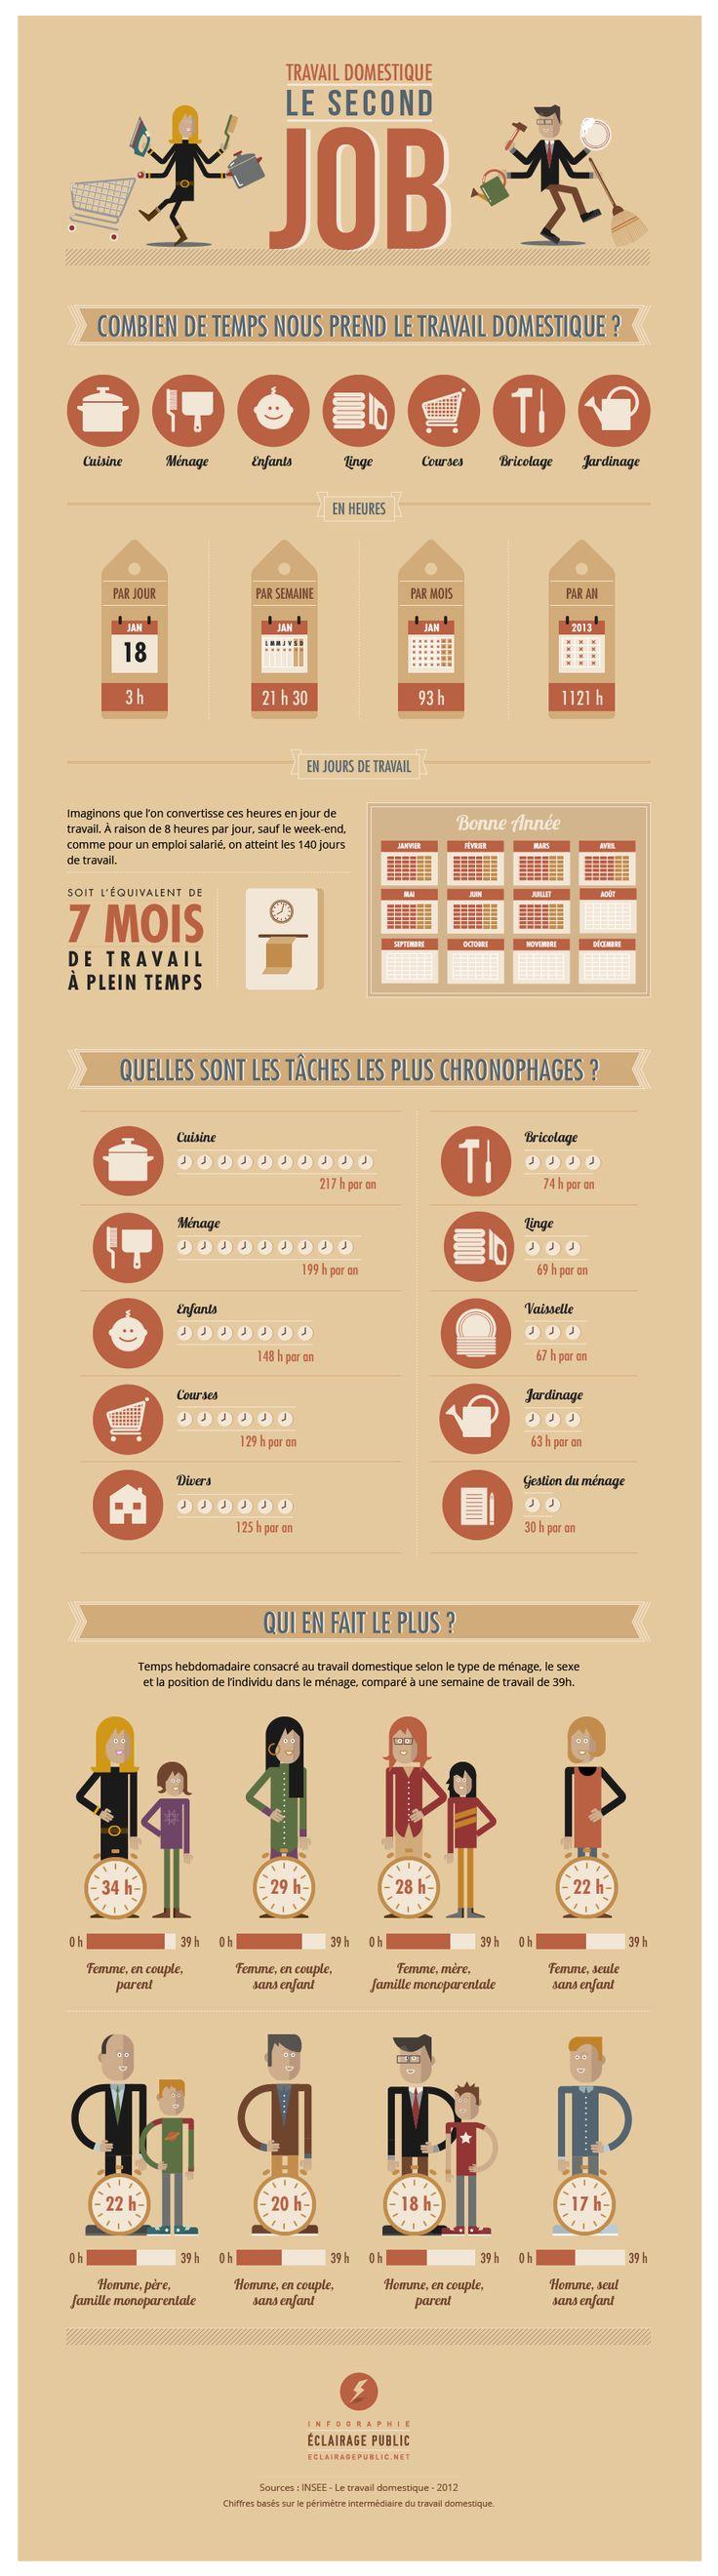 Travail domestique : le second job  #infographie © ÉCLAIRAGE PUBLIC